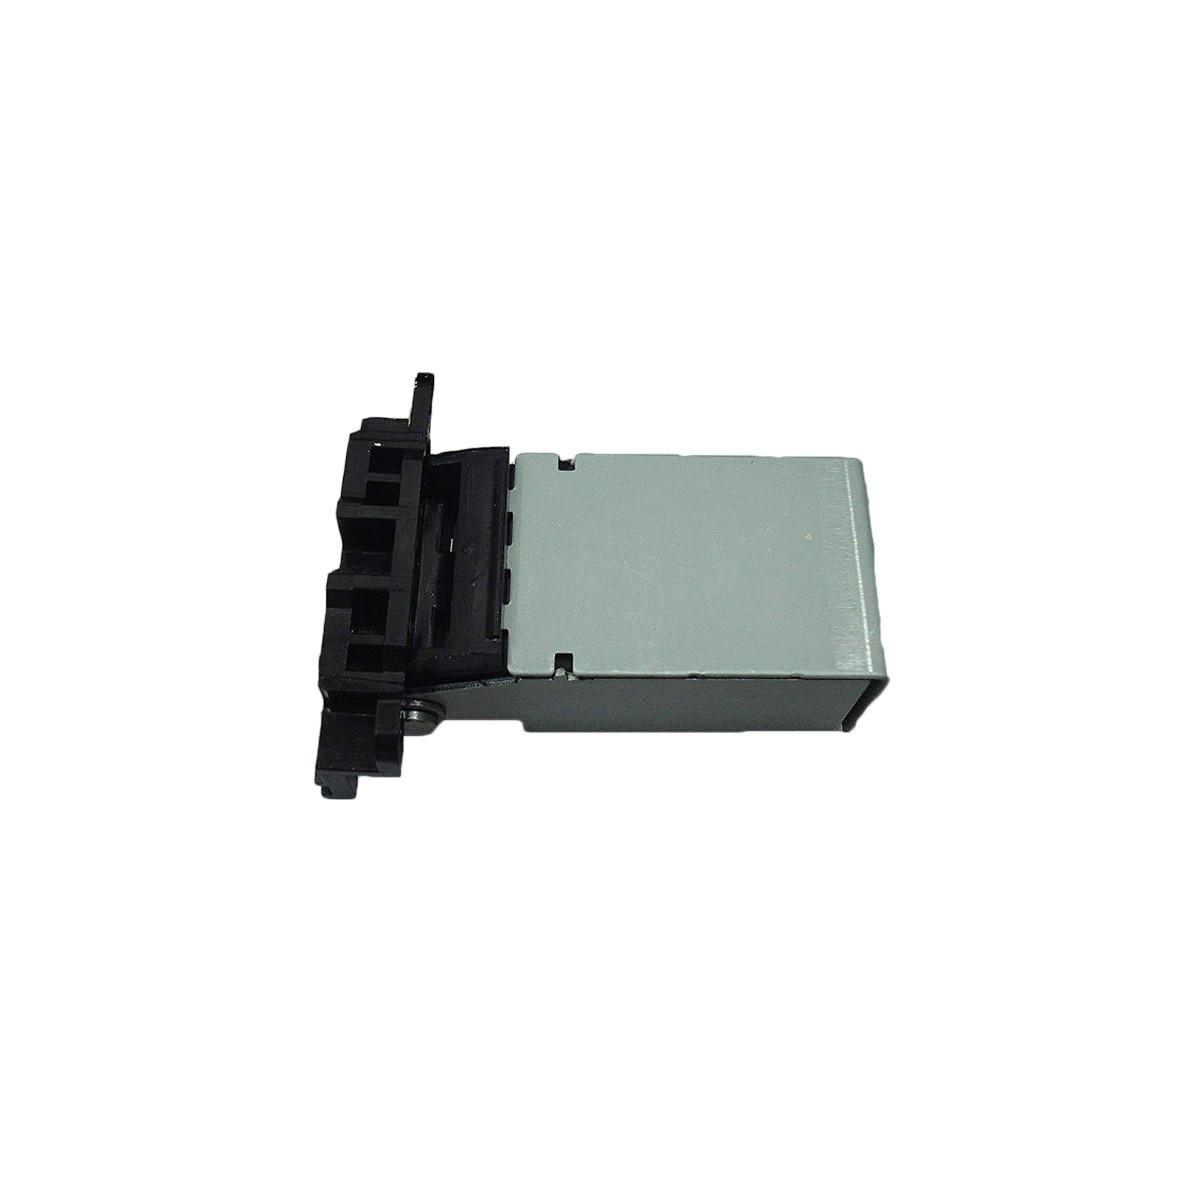 Dobradiça Metálica Samsung | CLX-6260FR SL-M4070FR 6260FR 4070FR | JC97-04198A | Original